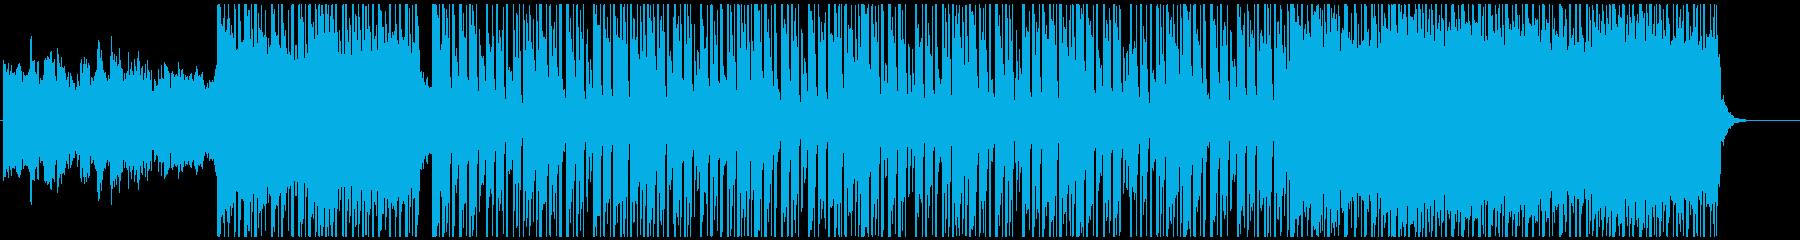 可愛く爽やかなレゲエ アフロビートの再生済みの波形